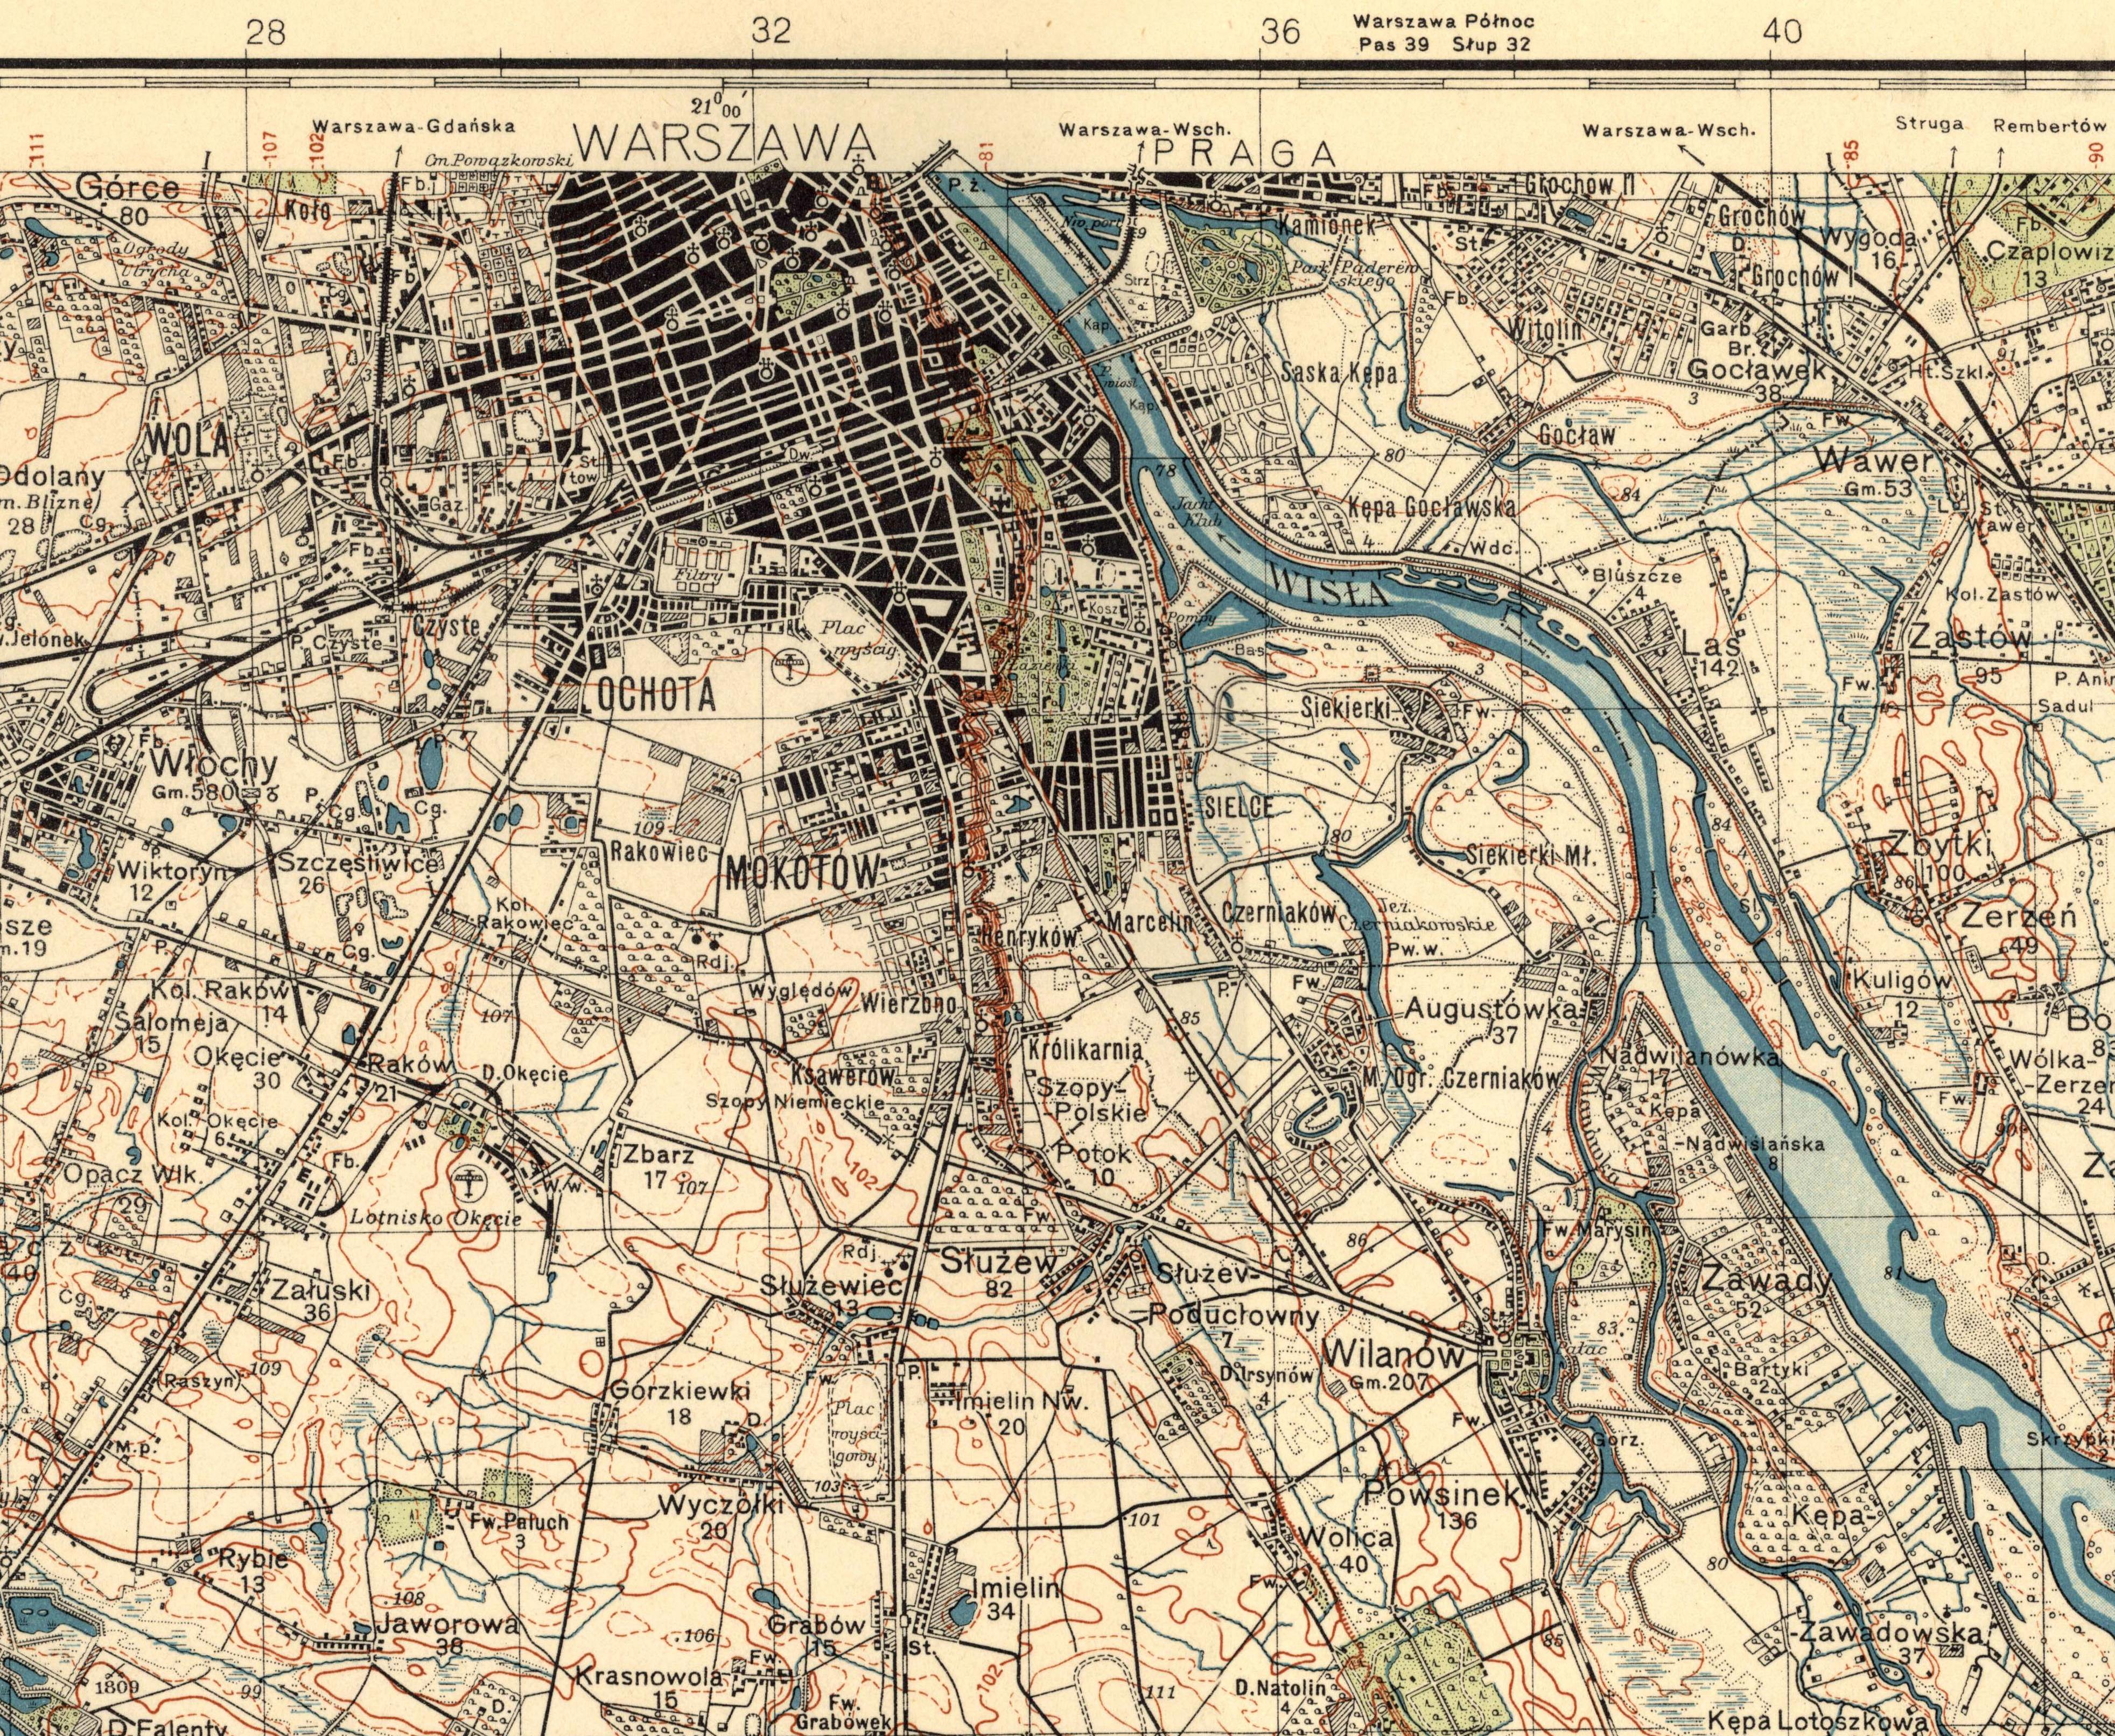 Rys. 5. Mapa topograficzna WIG w skali 1:10 000 z 1932 roku